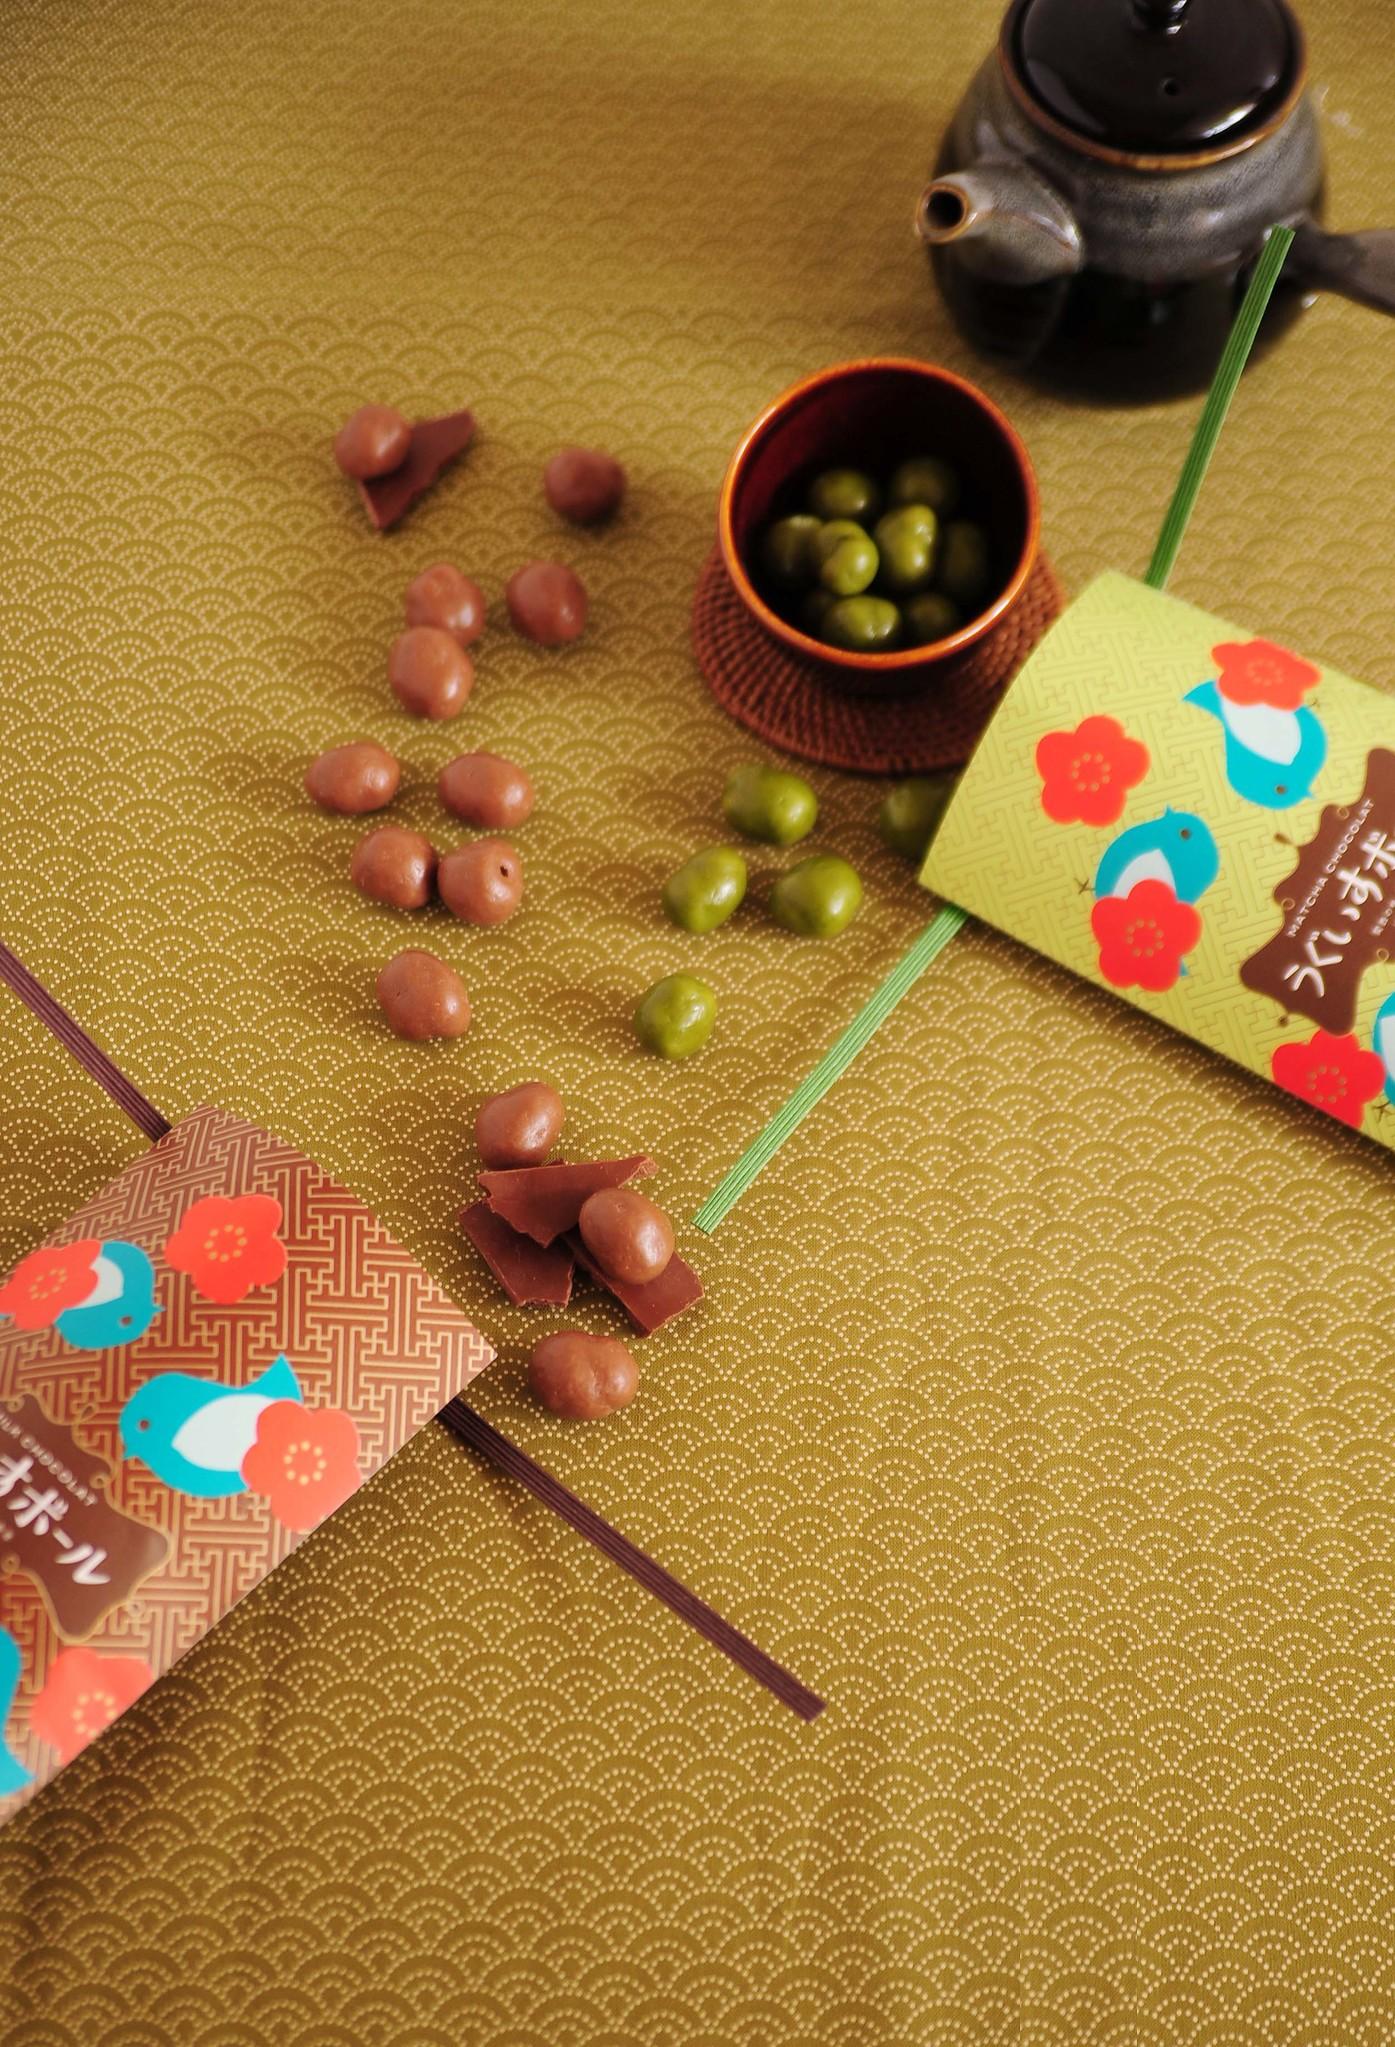 エキマルシェ新大阪限定「うぐいすボール」が数量限定で新発売!冬のフレーバー「ショコラのうぐいすボール」